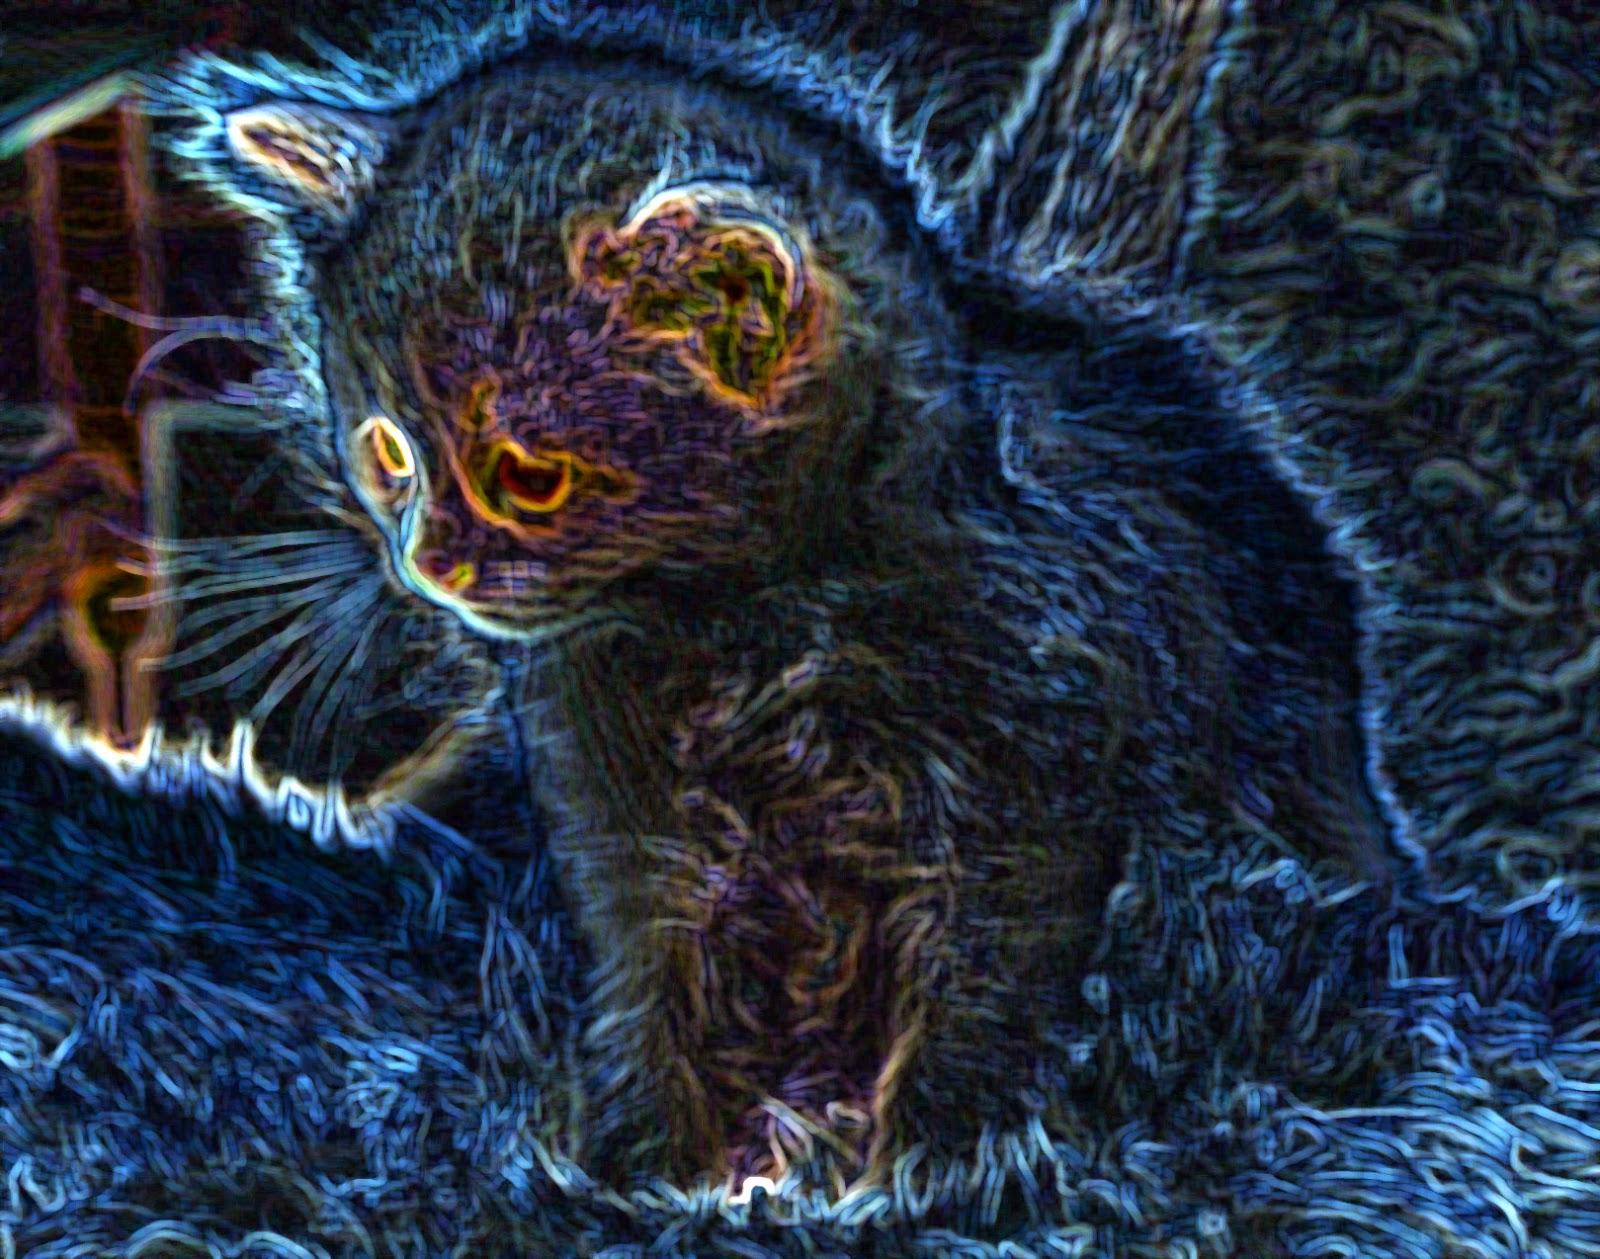 пушистый милый зверь - кот